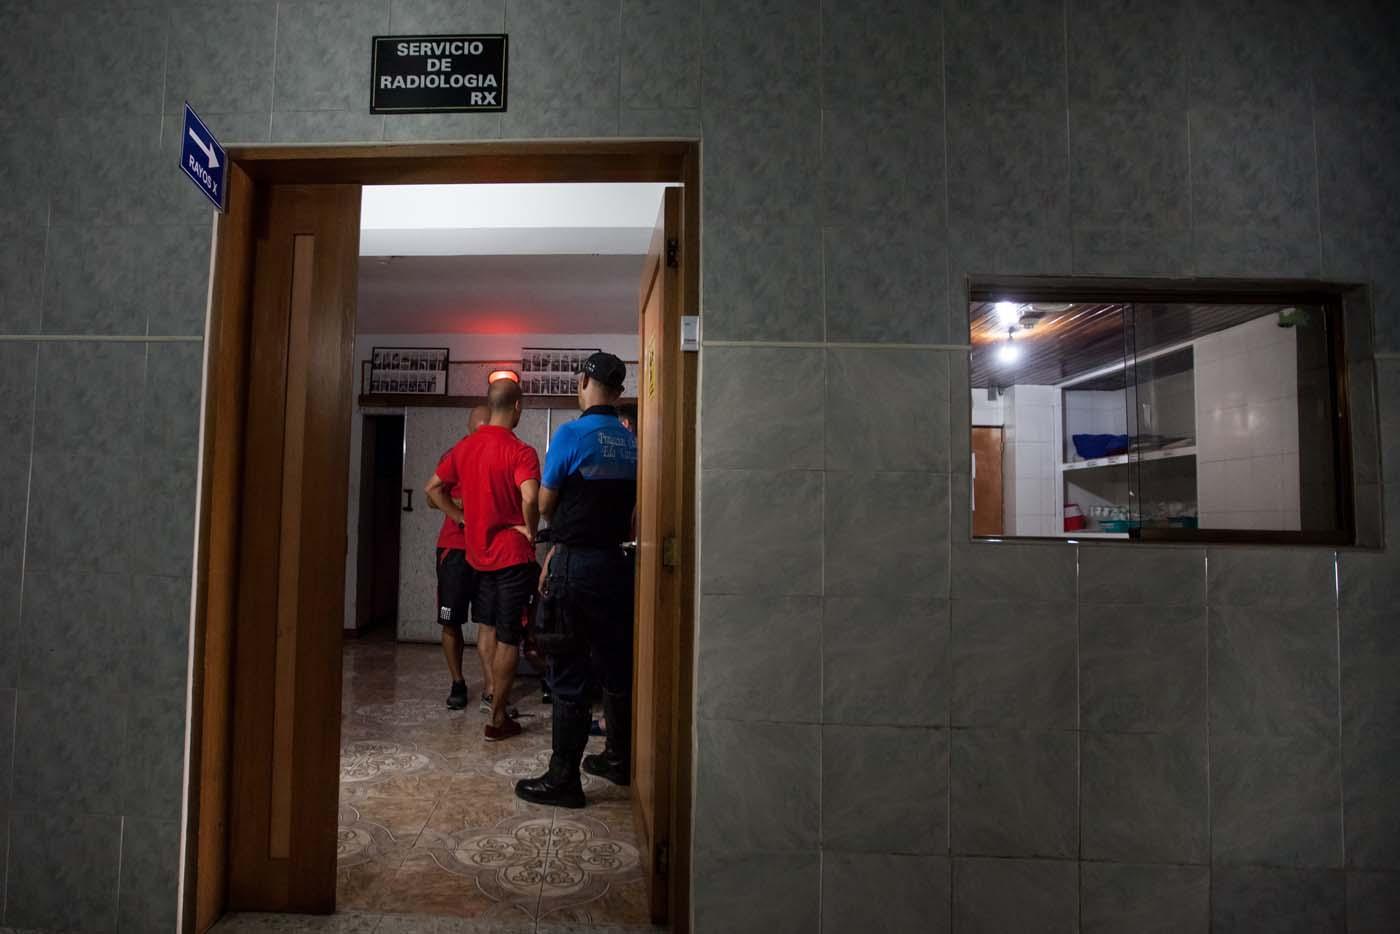 CAR01. LA GUAIRA (VENEZUELA), 10/02/2016.- Jugadores del equipo argentino de fútbol Huracan permanecen hoy, miércoles 10 de febrero de 2016, en la sala de radiología del Centro Médico Luis F. Marcano en La Guaira (Venezuela). El autobús que trasladaba hoy al Huracán argentino al aeropuerto de Maiquetía, tras eliminar este martes al Caracas en la fase previa de la Copa Libertadores, sufrió un accidente y volcó. No hubo heridos de gravedad, pero los jugadores Patricio Toranzo y Diego Mendoza y el preparador físico Pablo Santella fueron trasladados a un hospital cercano para recibir atención por golpes menores. EFE/MIGUEL GUTIÉRREZ